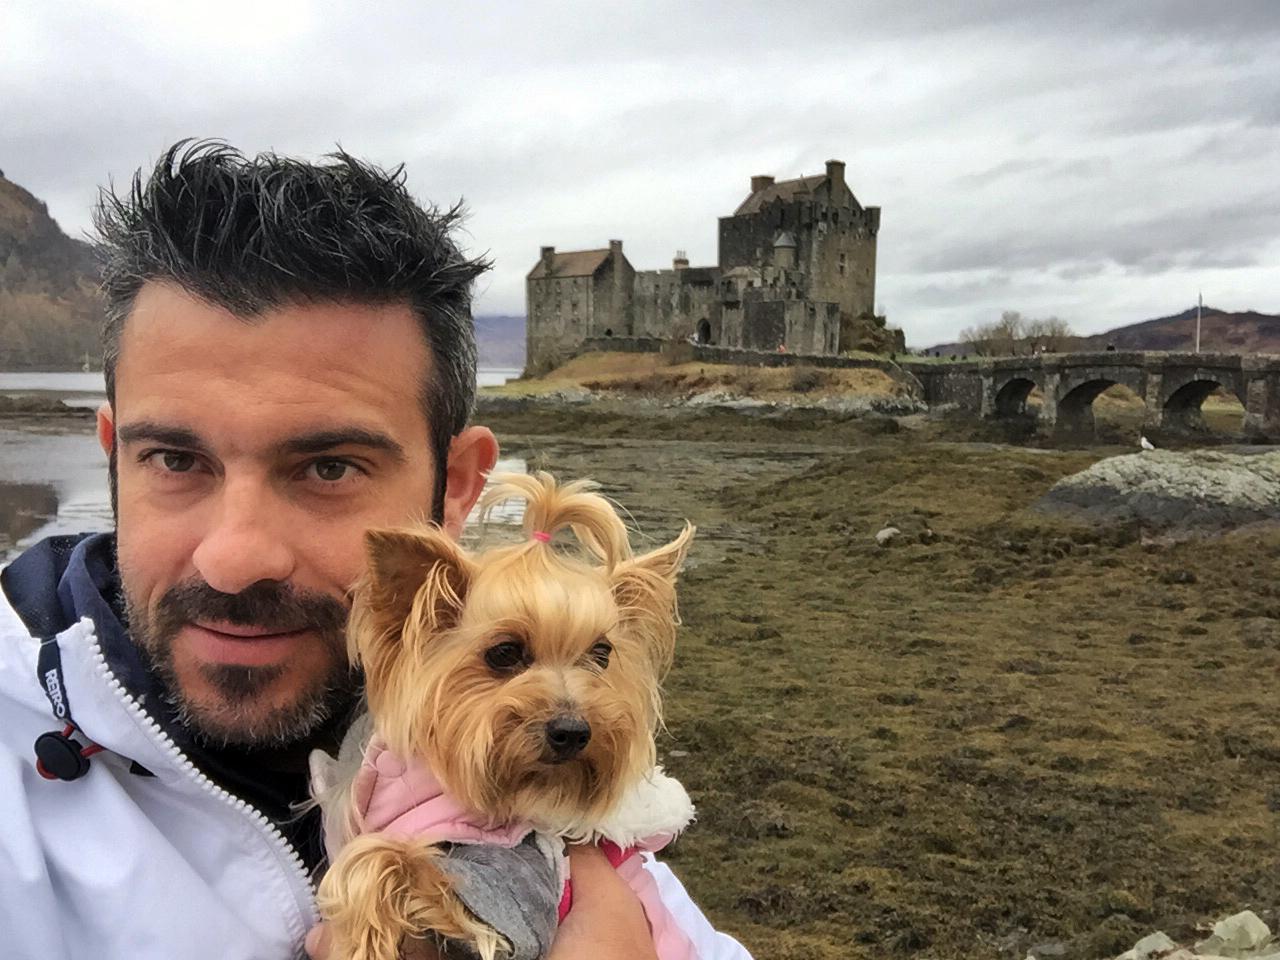 Viajar con Mascota mascotas - 30941135895 01c0e5f083 o - Cómo viajar con perros y mascotas